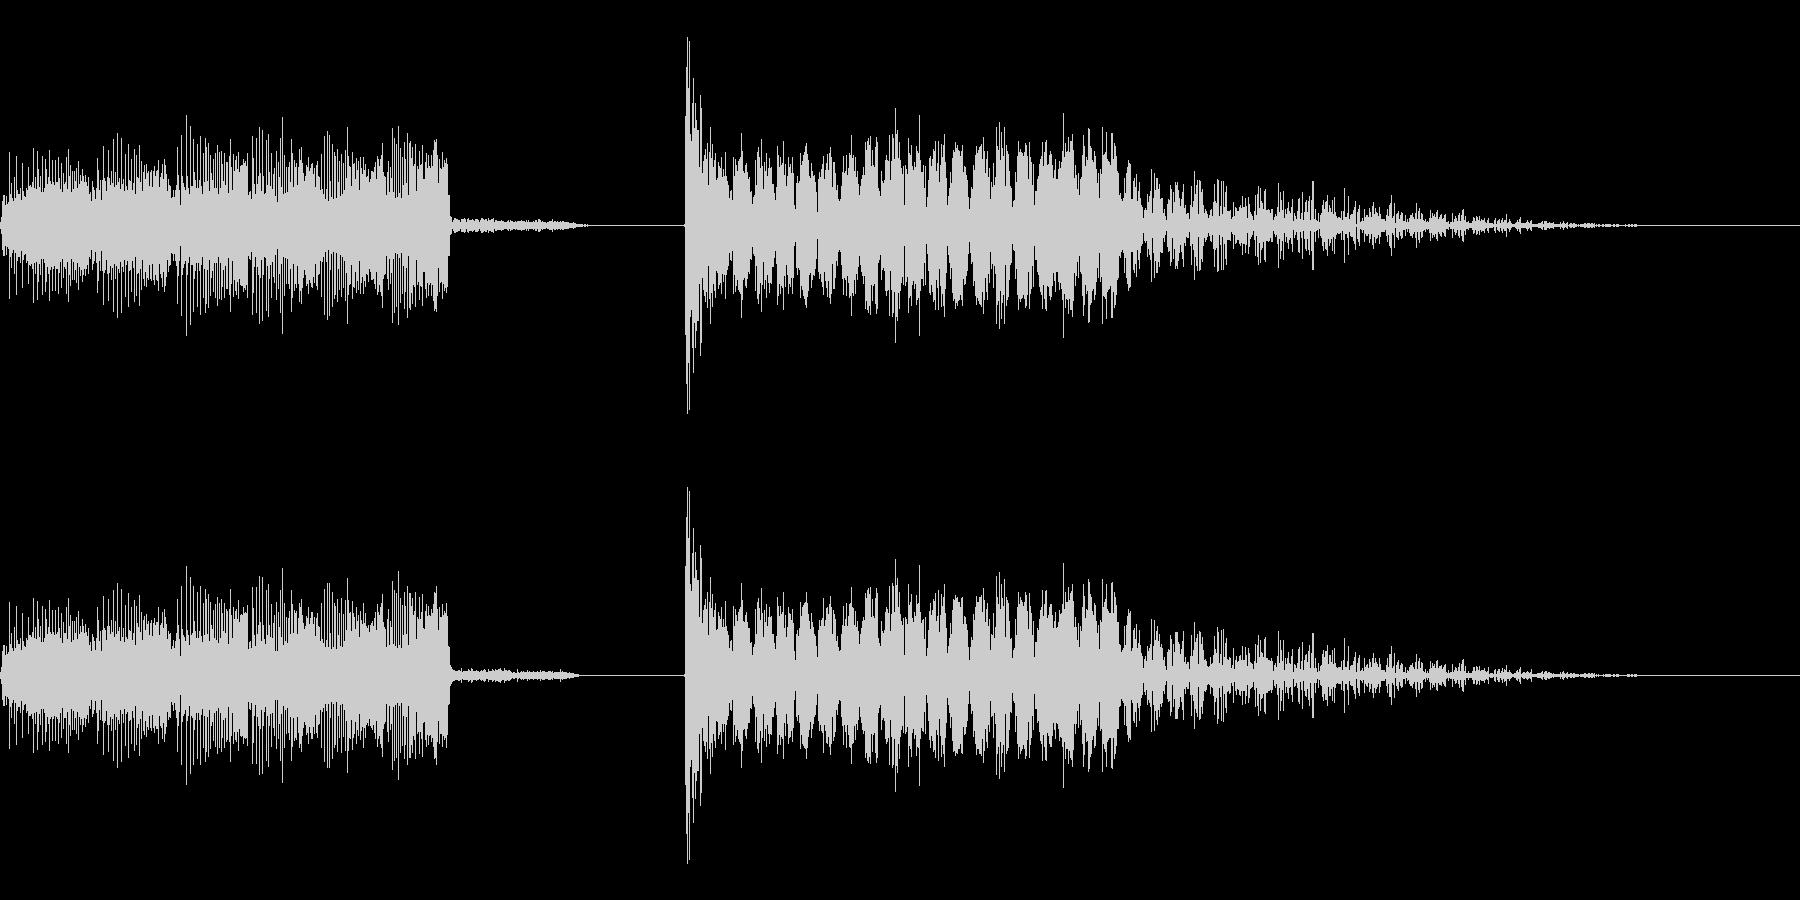 エネルギーチャージ & レーザービームの未再生の波形